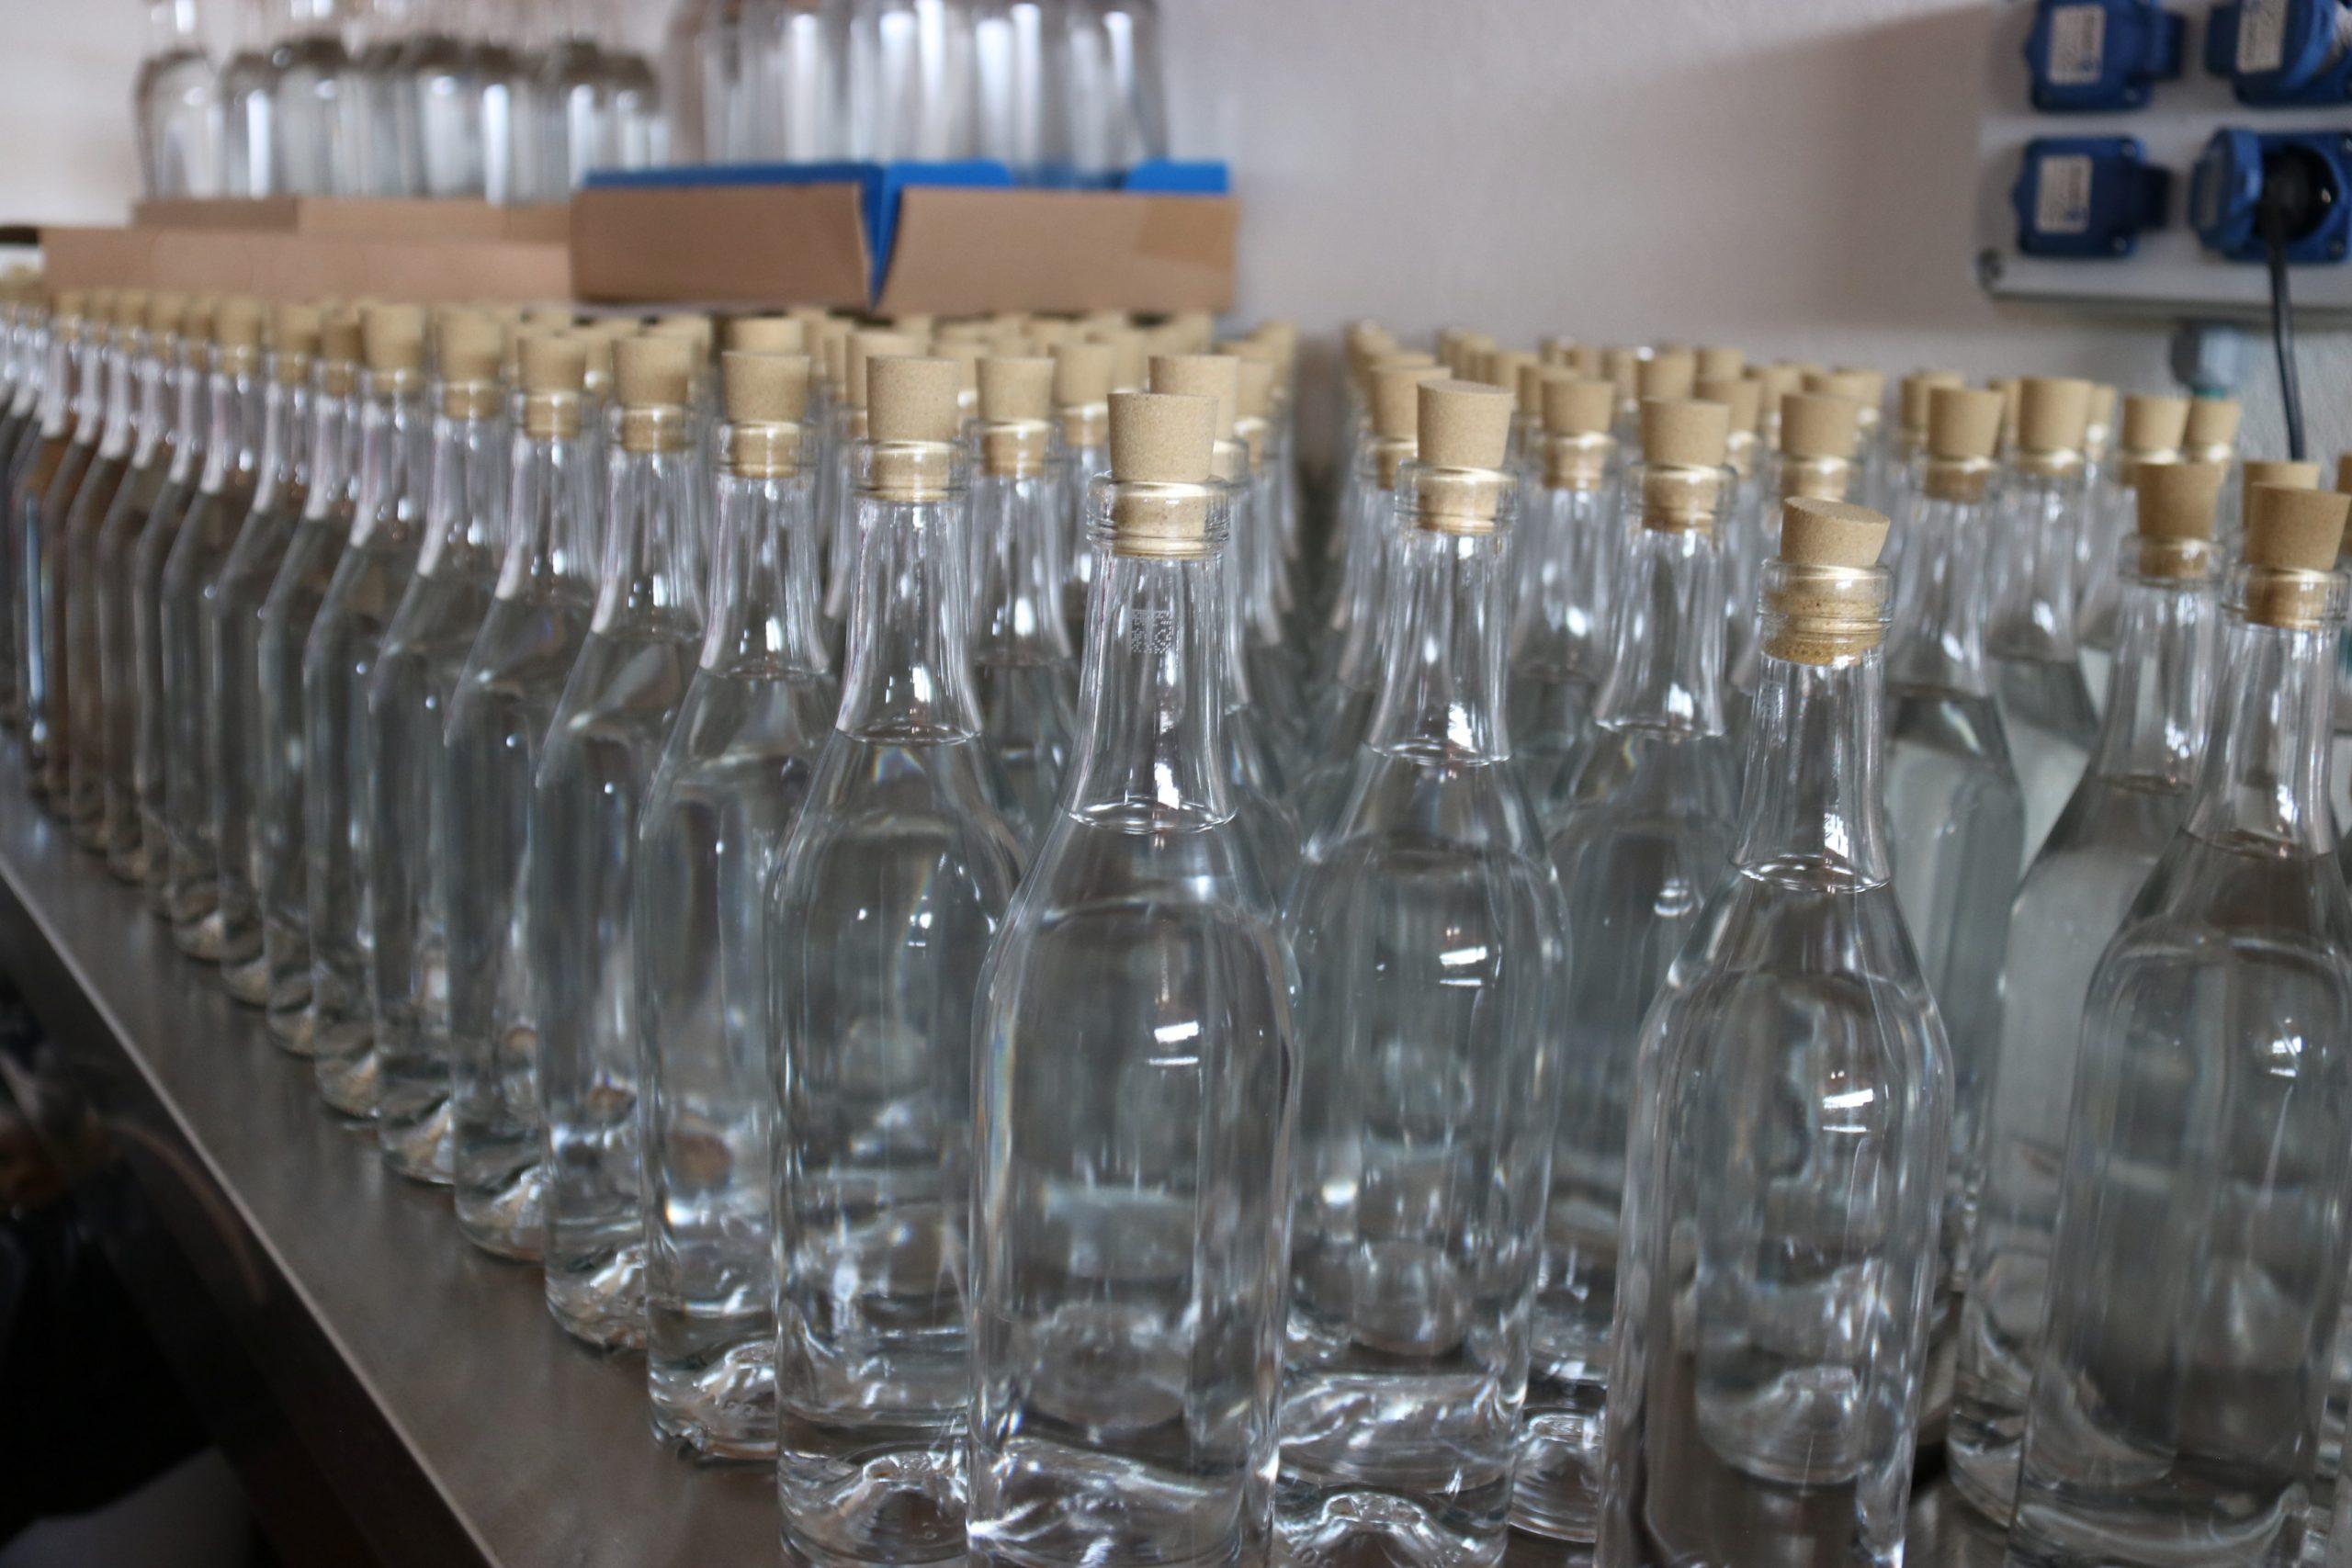 Algunes de les ampolles de ginebra en el procés de producció | ACN